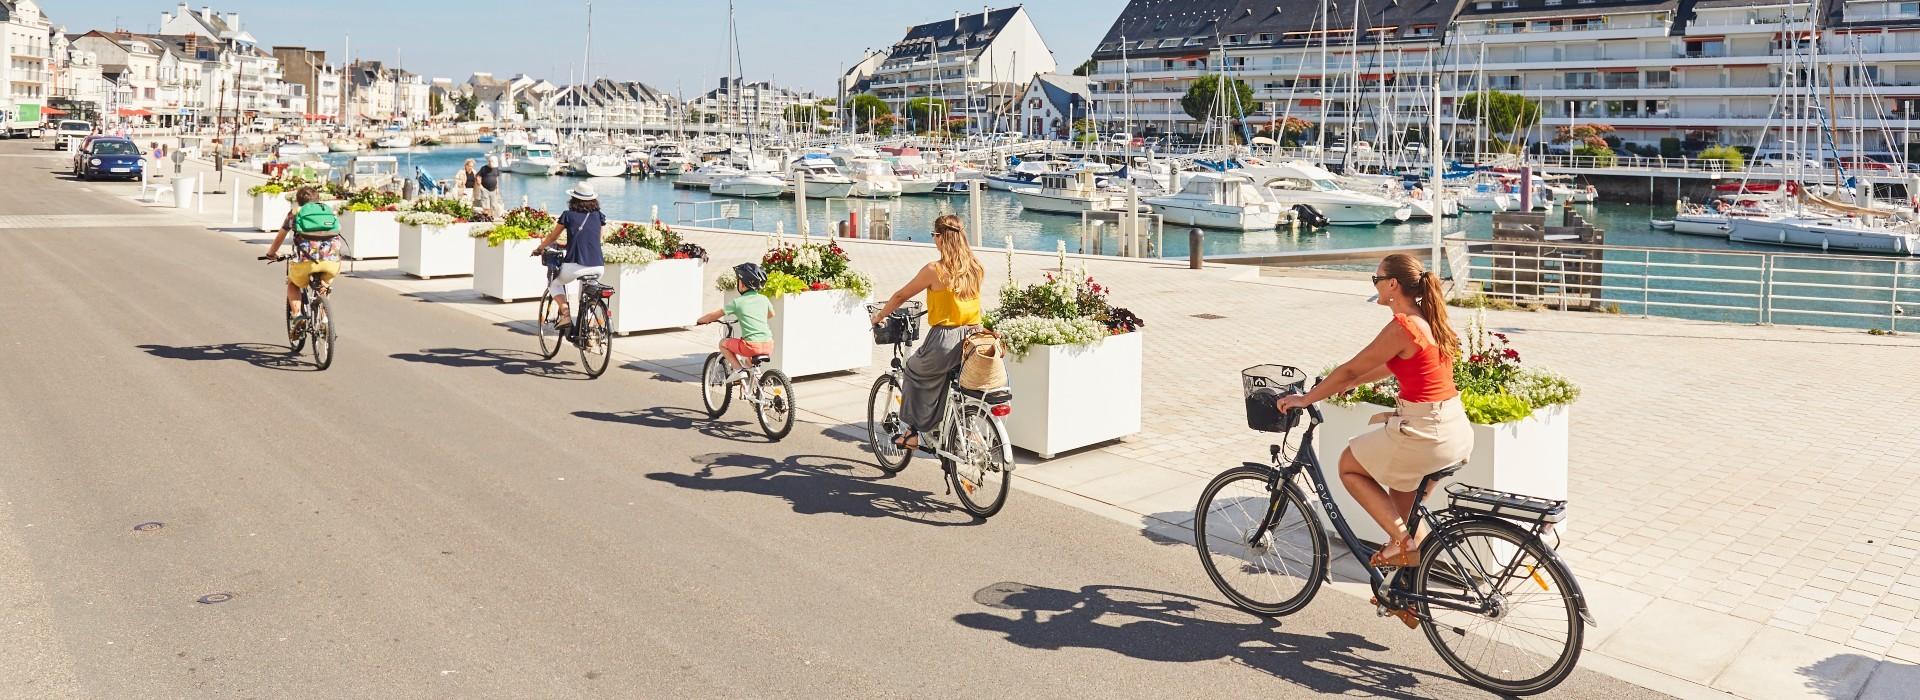 Balade à vélo - Le Pouliguen